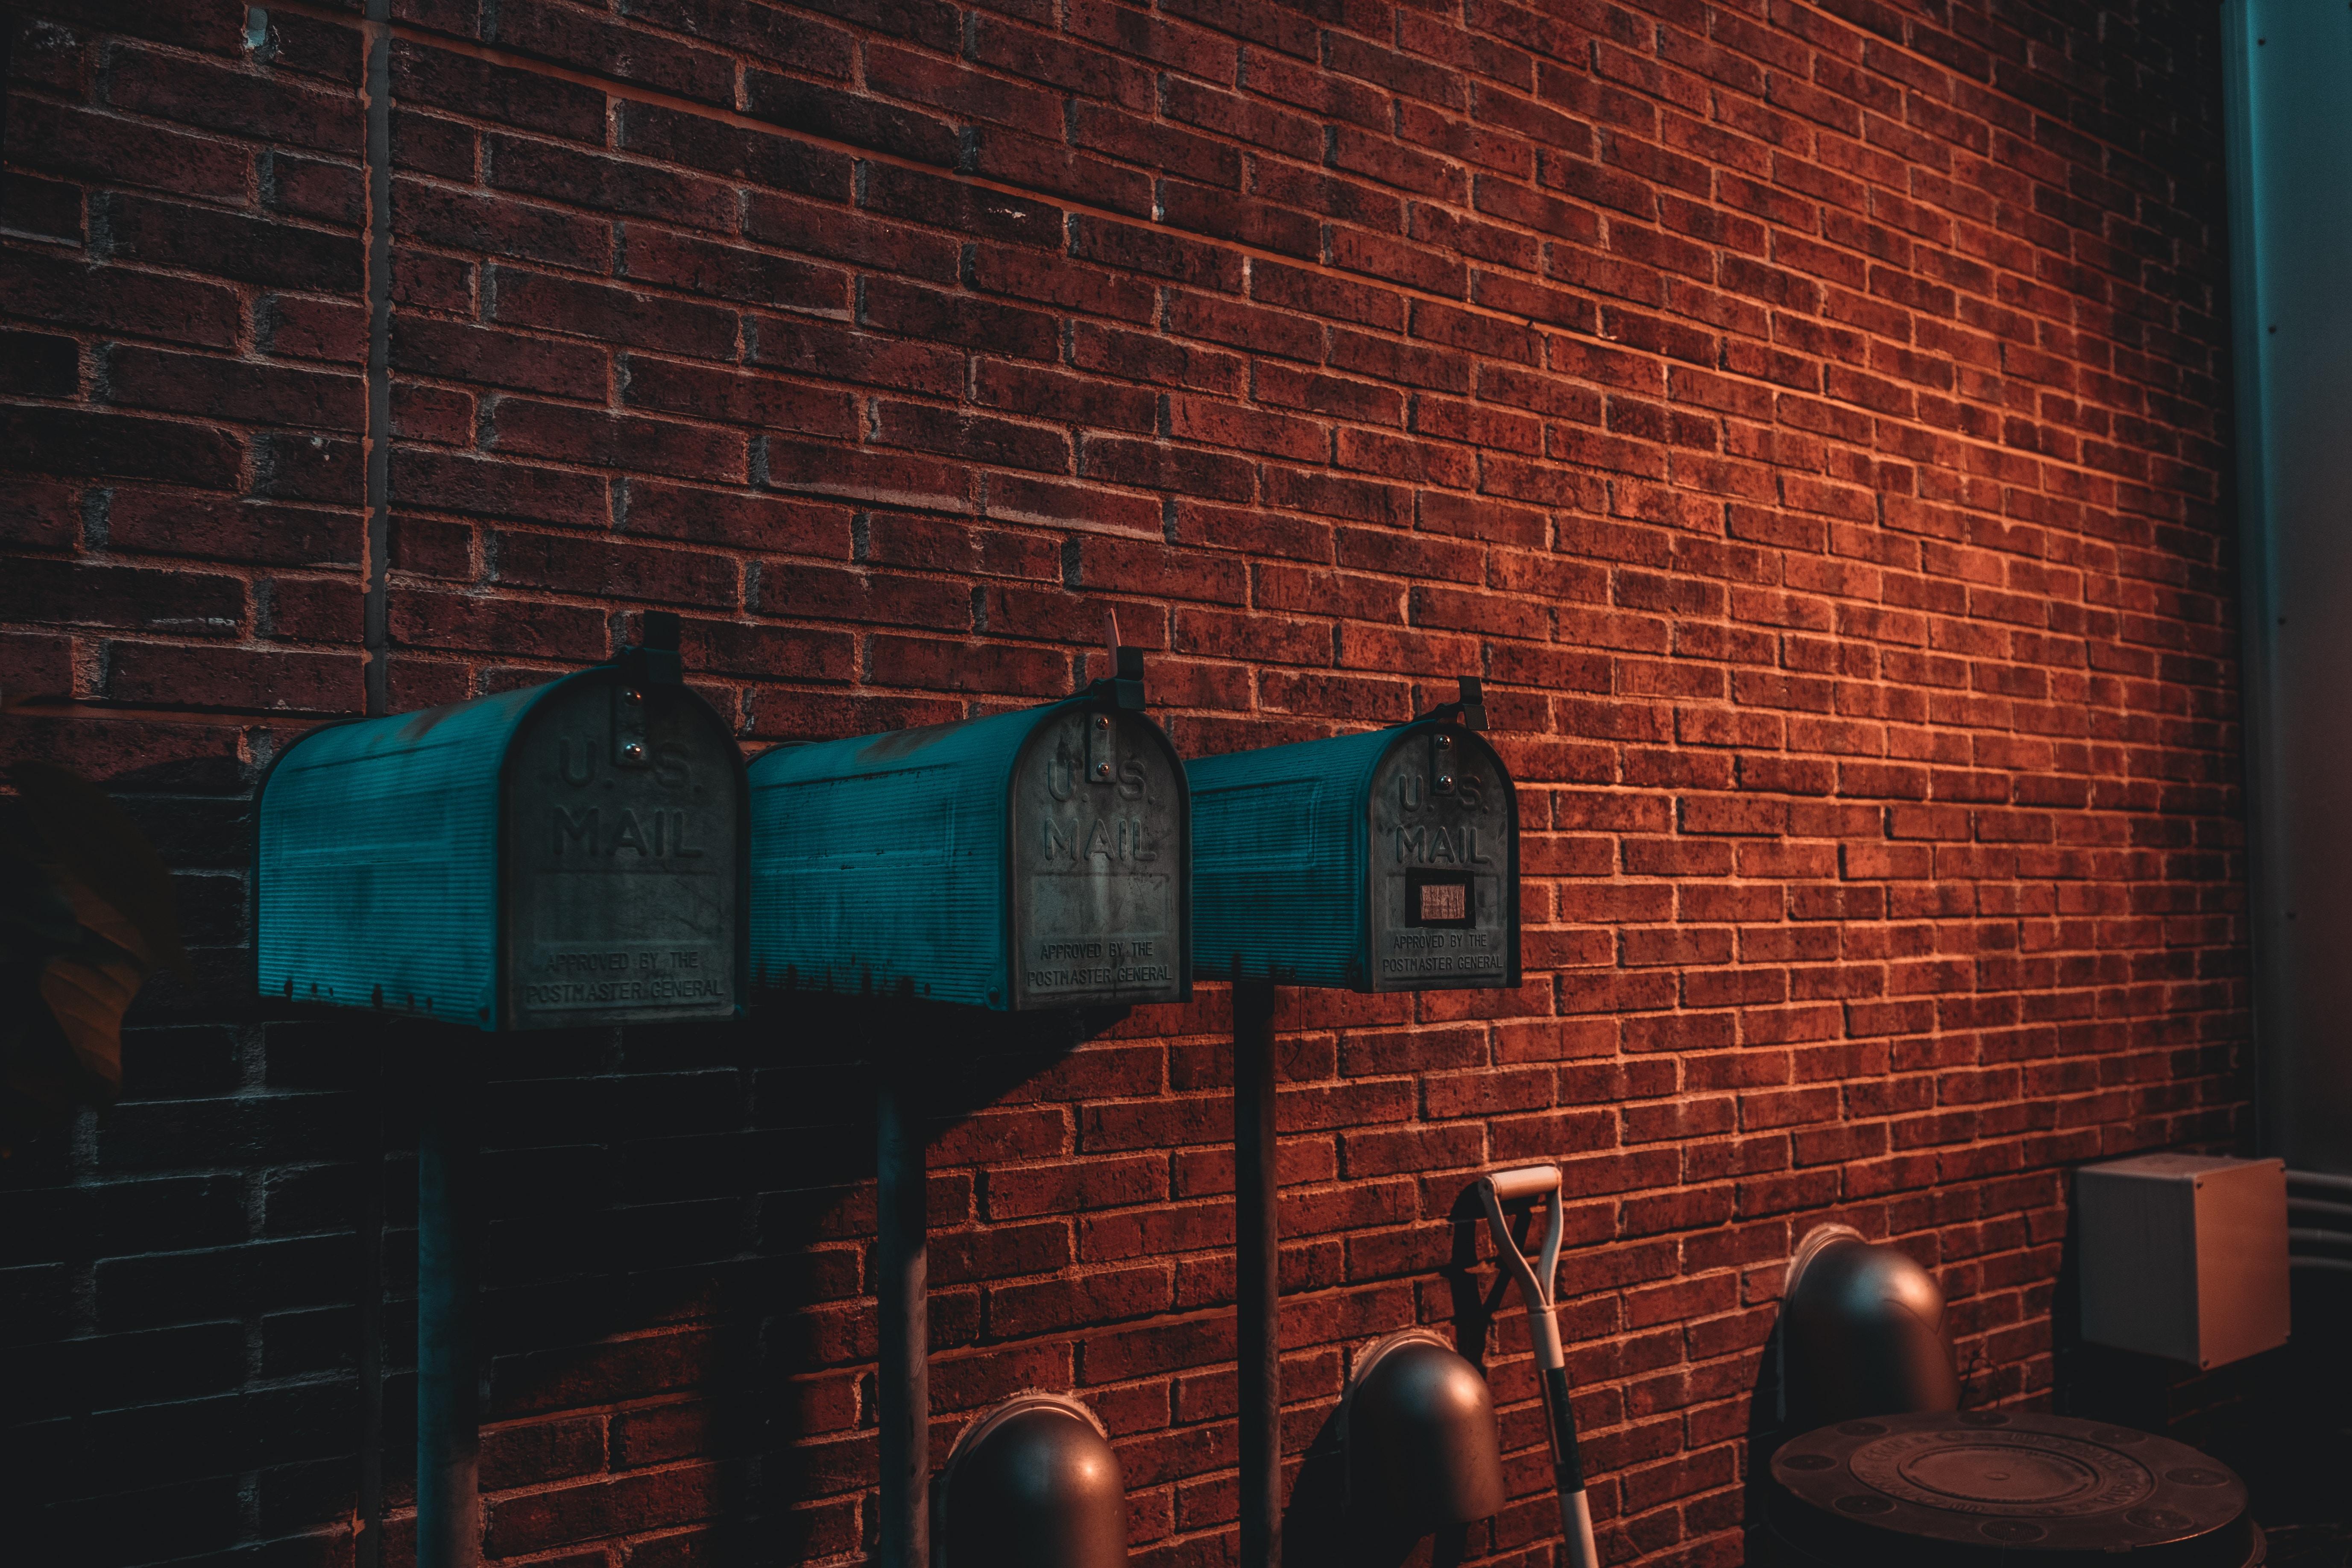 Une campagne de phishing persistante cible des gouvernements du monde entier